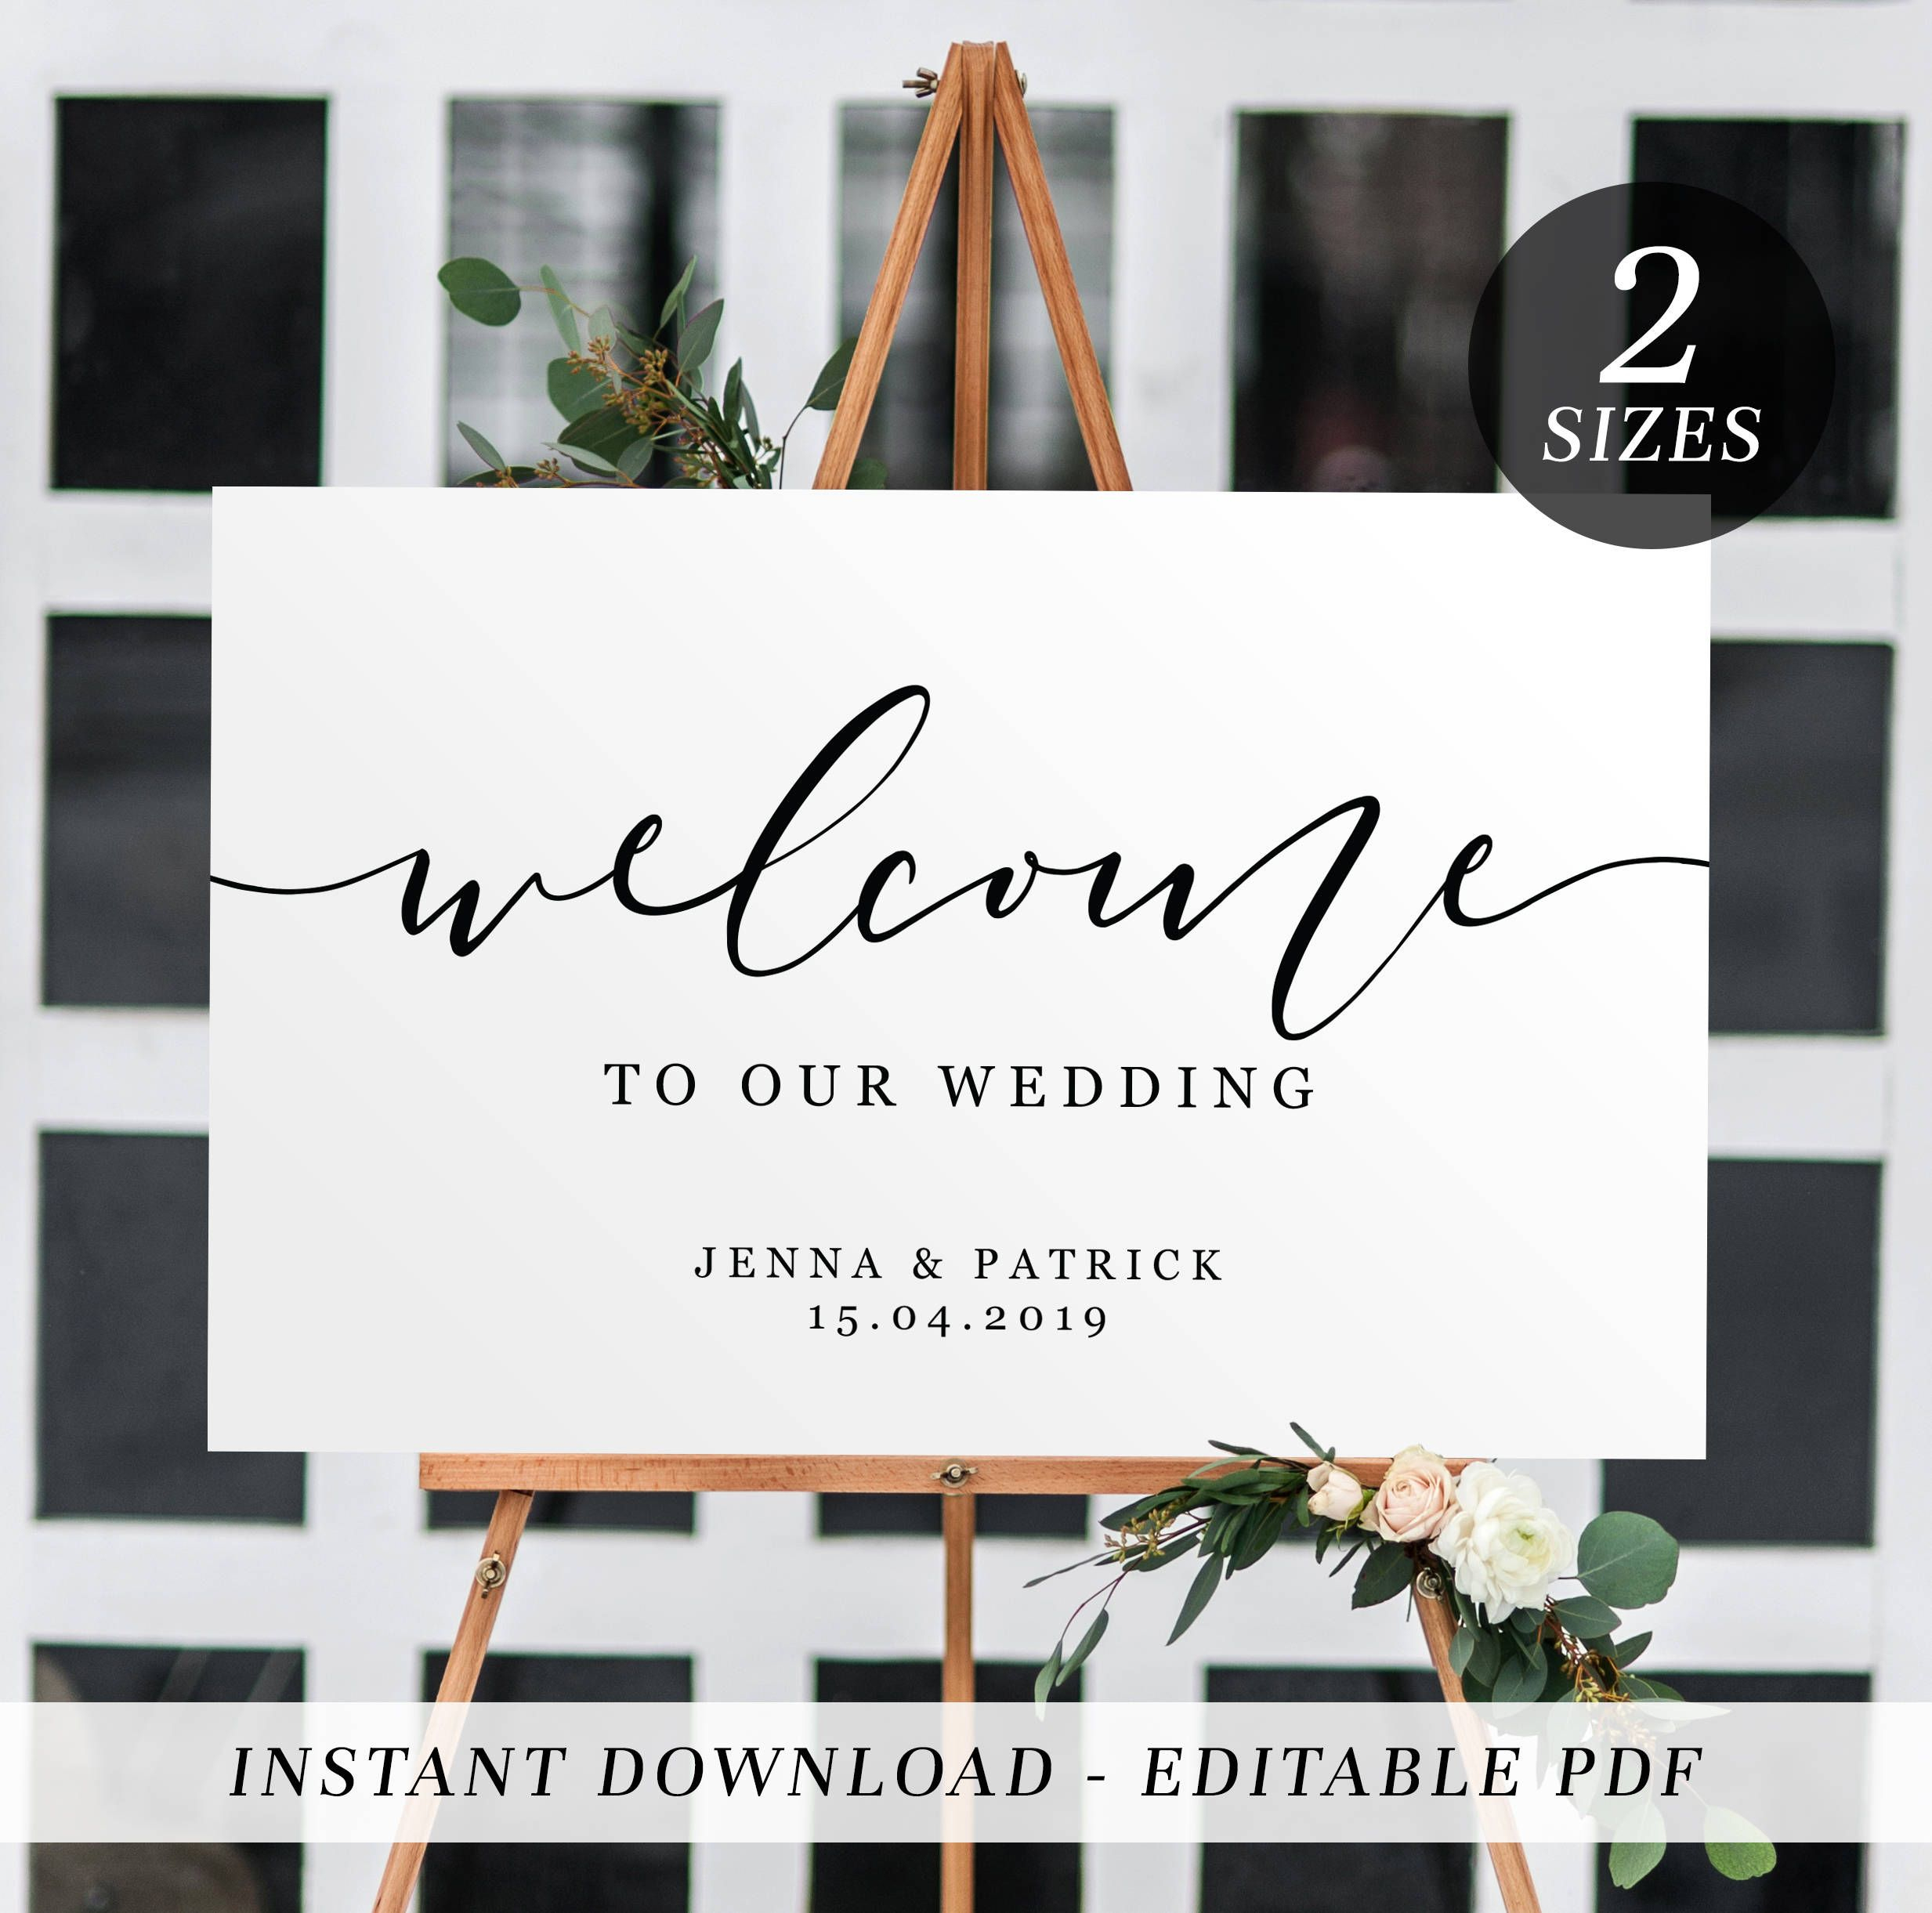 Printable Wedding Welcome Sign | Editable Template Welcome Sign - Free Printable Welcome Sign Template